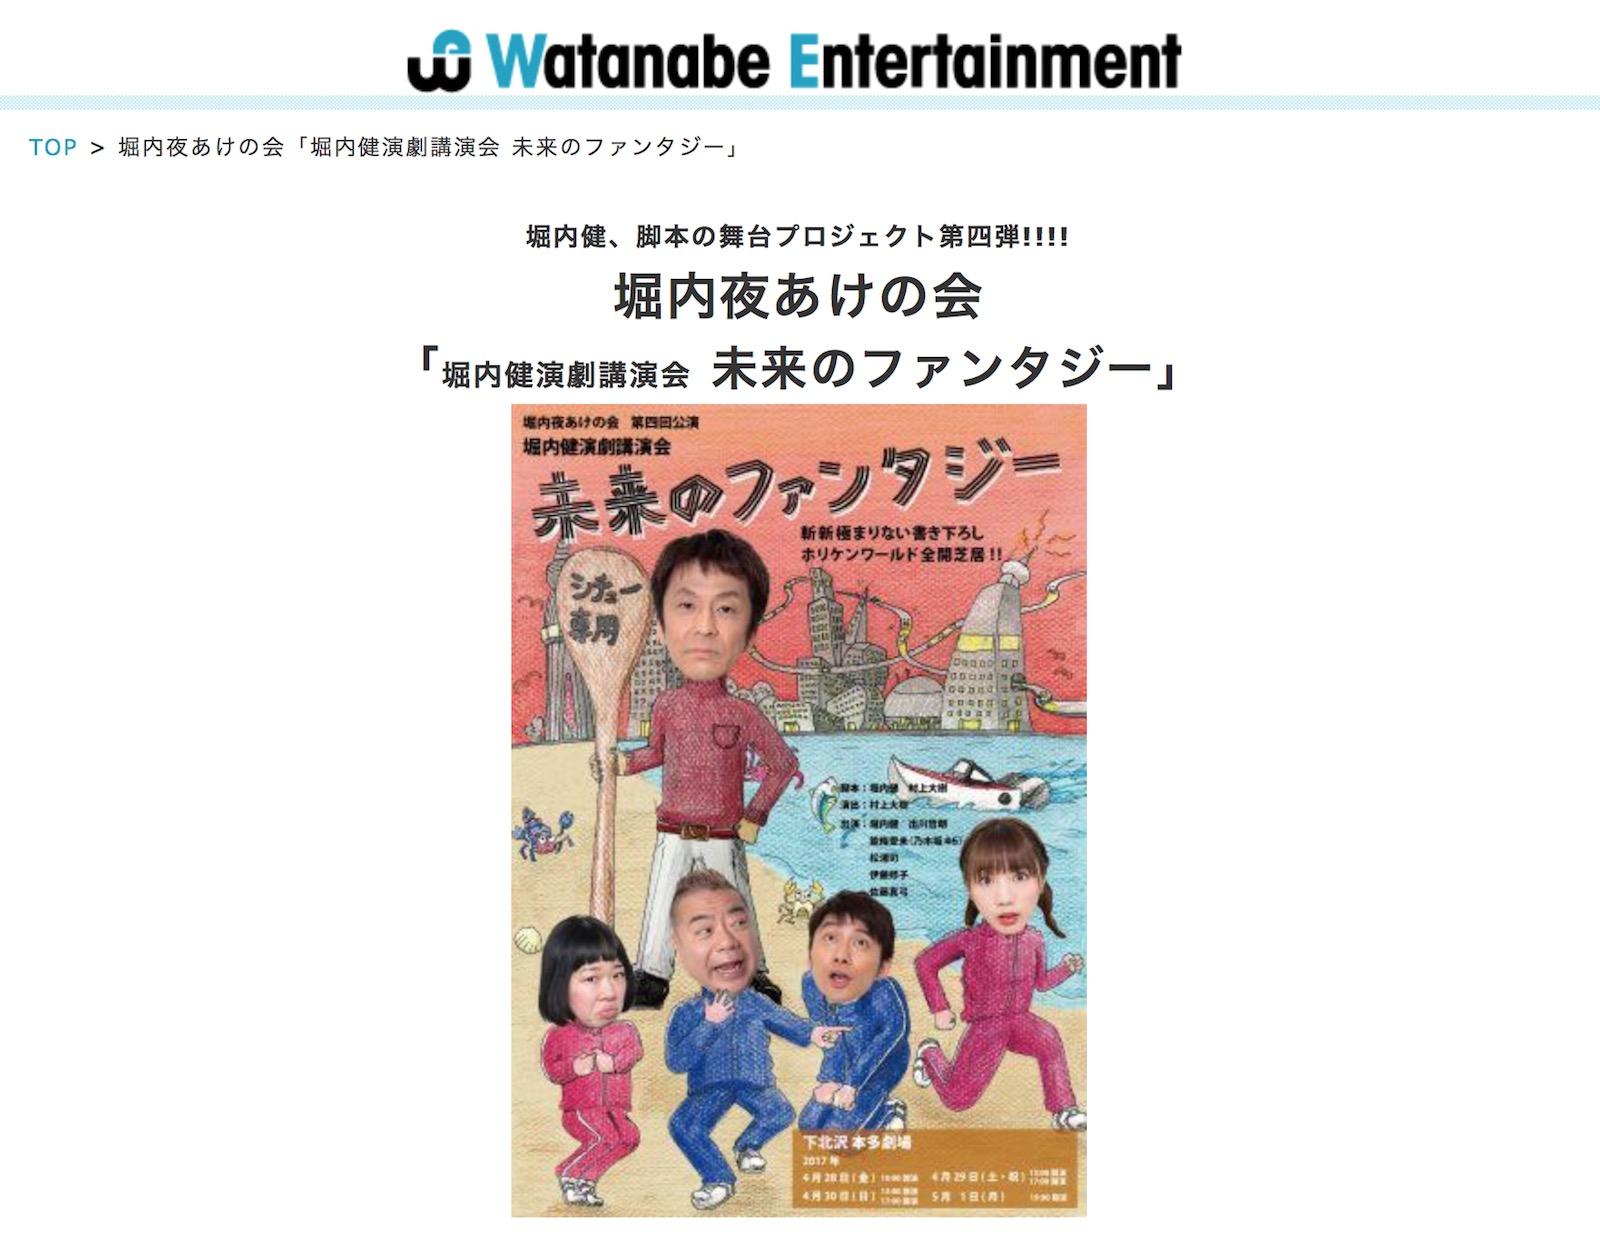 堀内夜あけの会「堀内健演劇講演会 未来のファンタジー」|ワタナベエンターテインメント